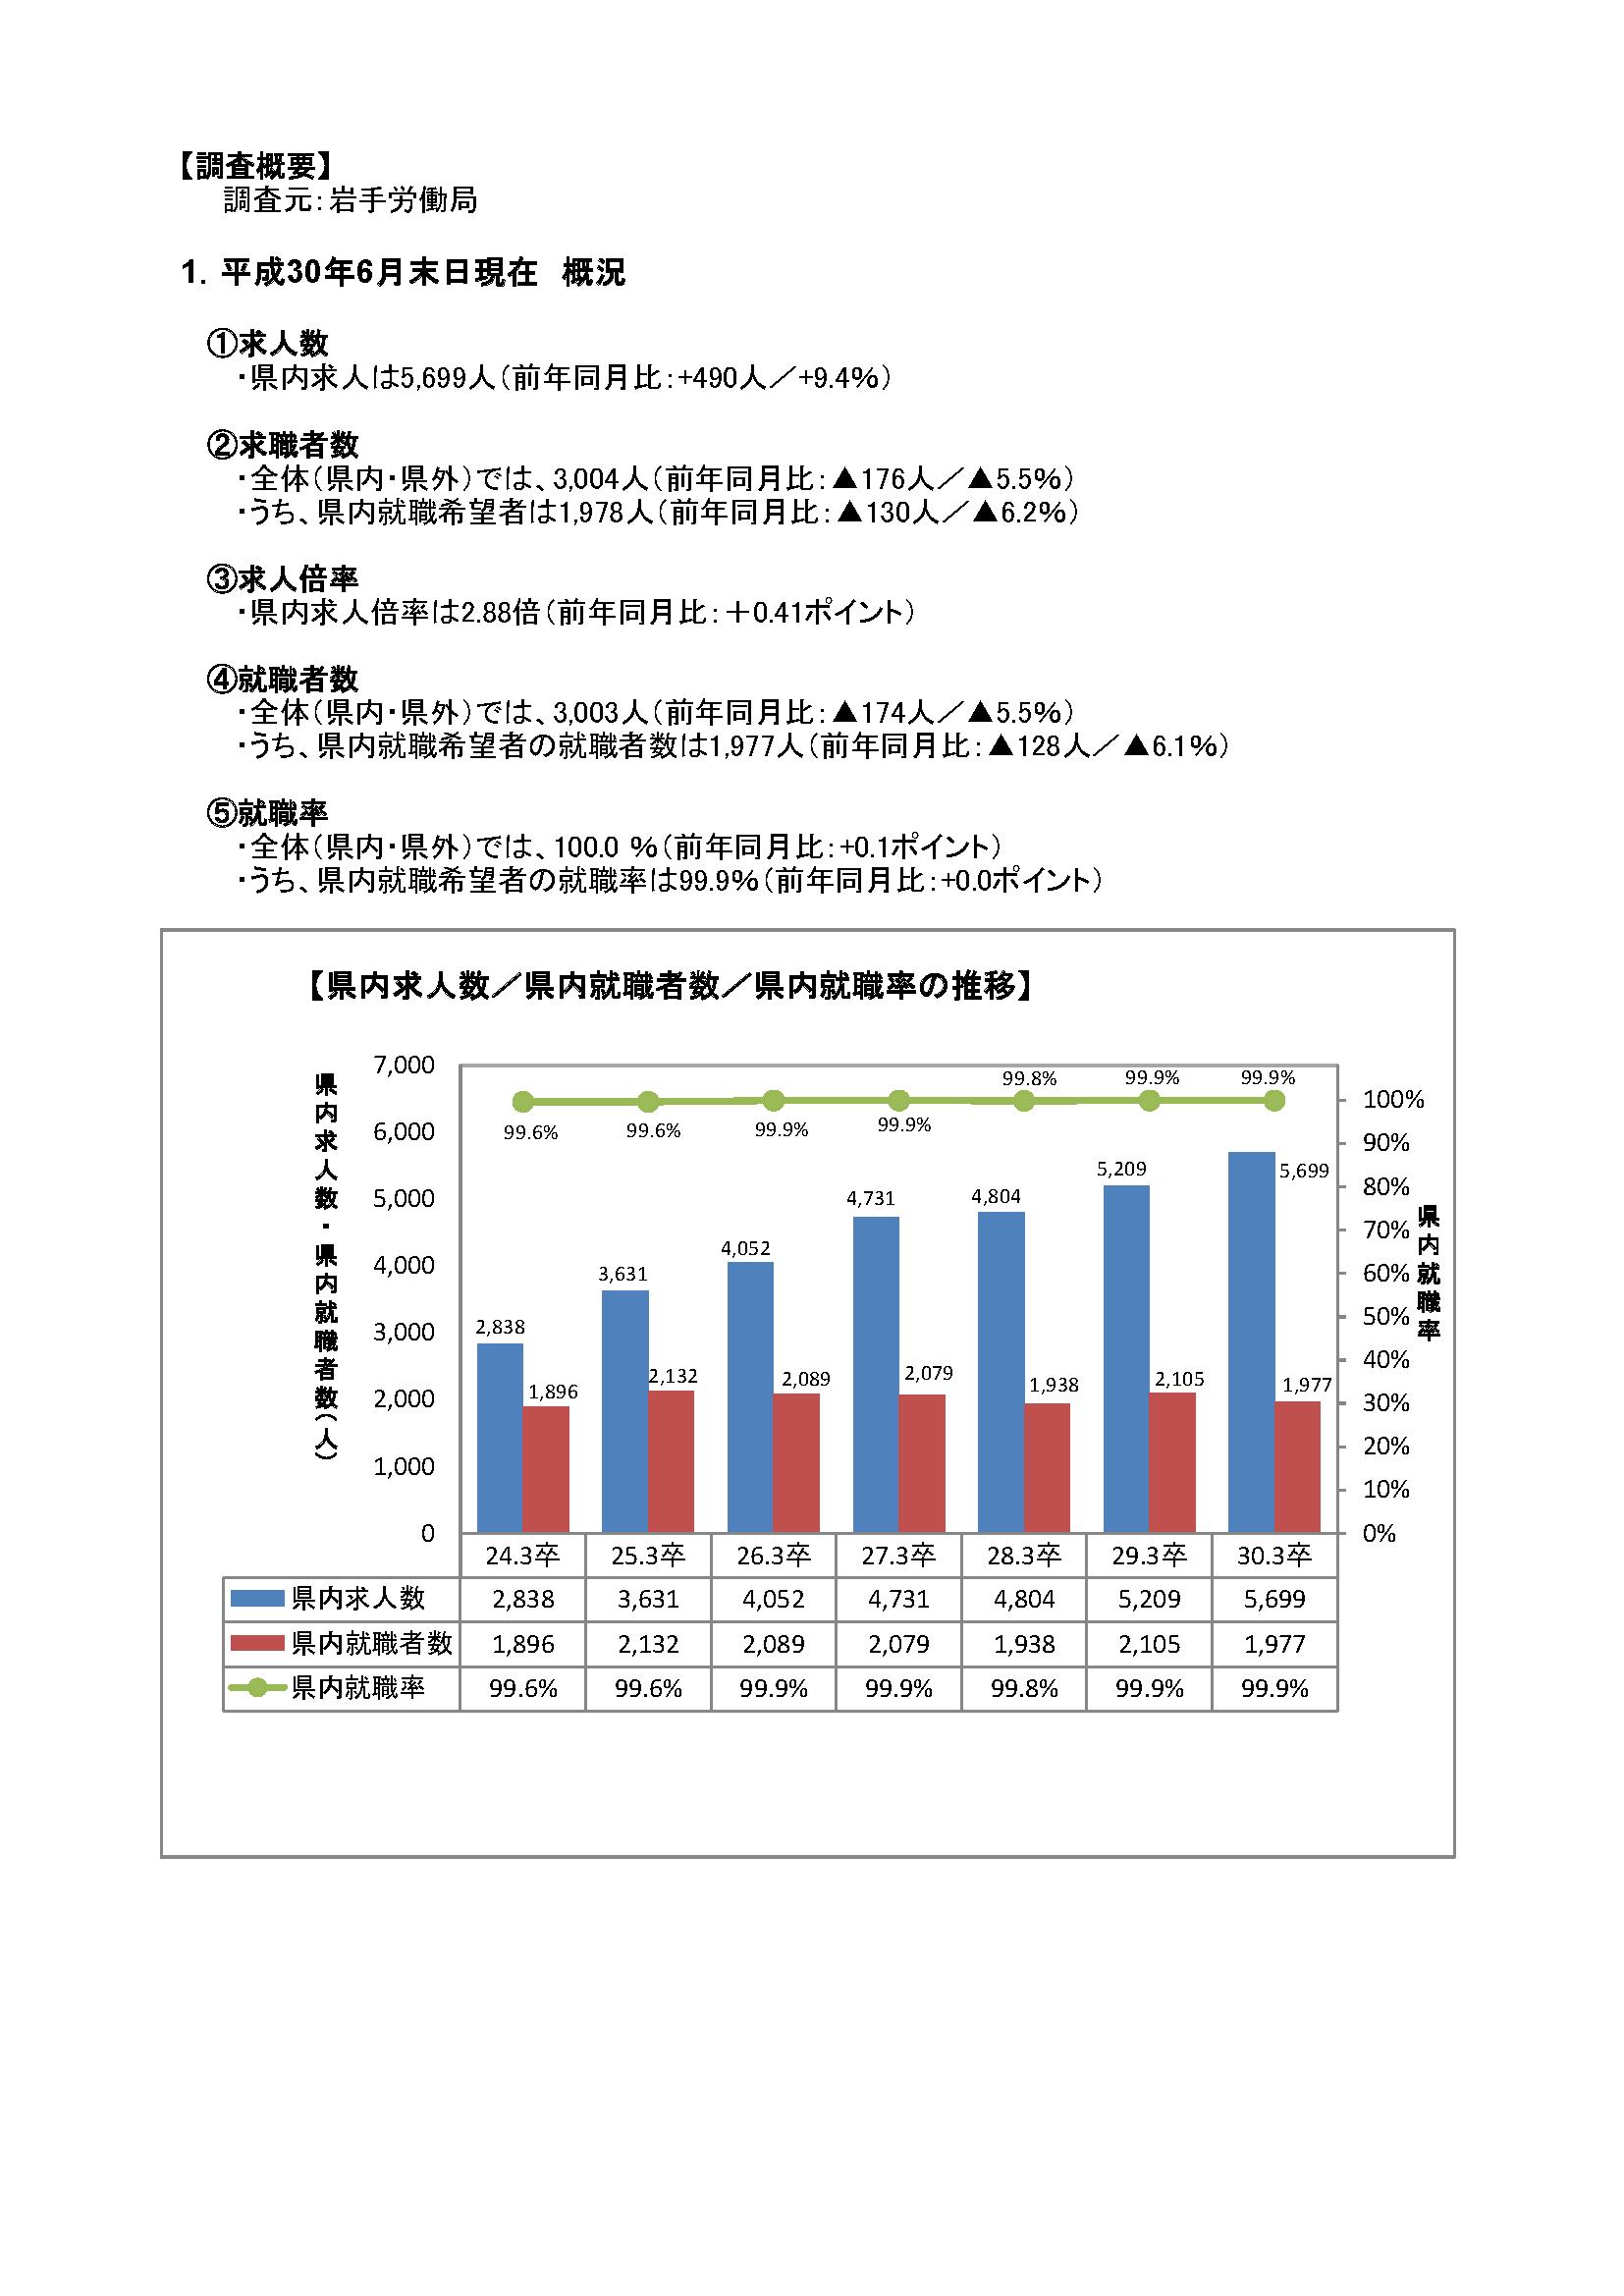 H30.3月高卒者職業紹介状況資料(201806月末現在)